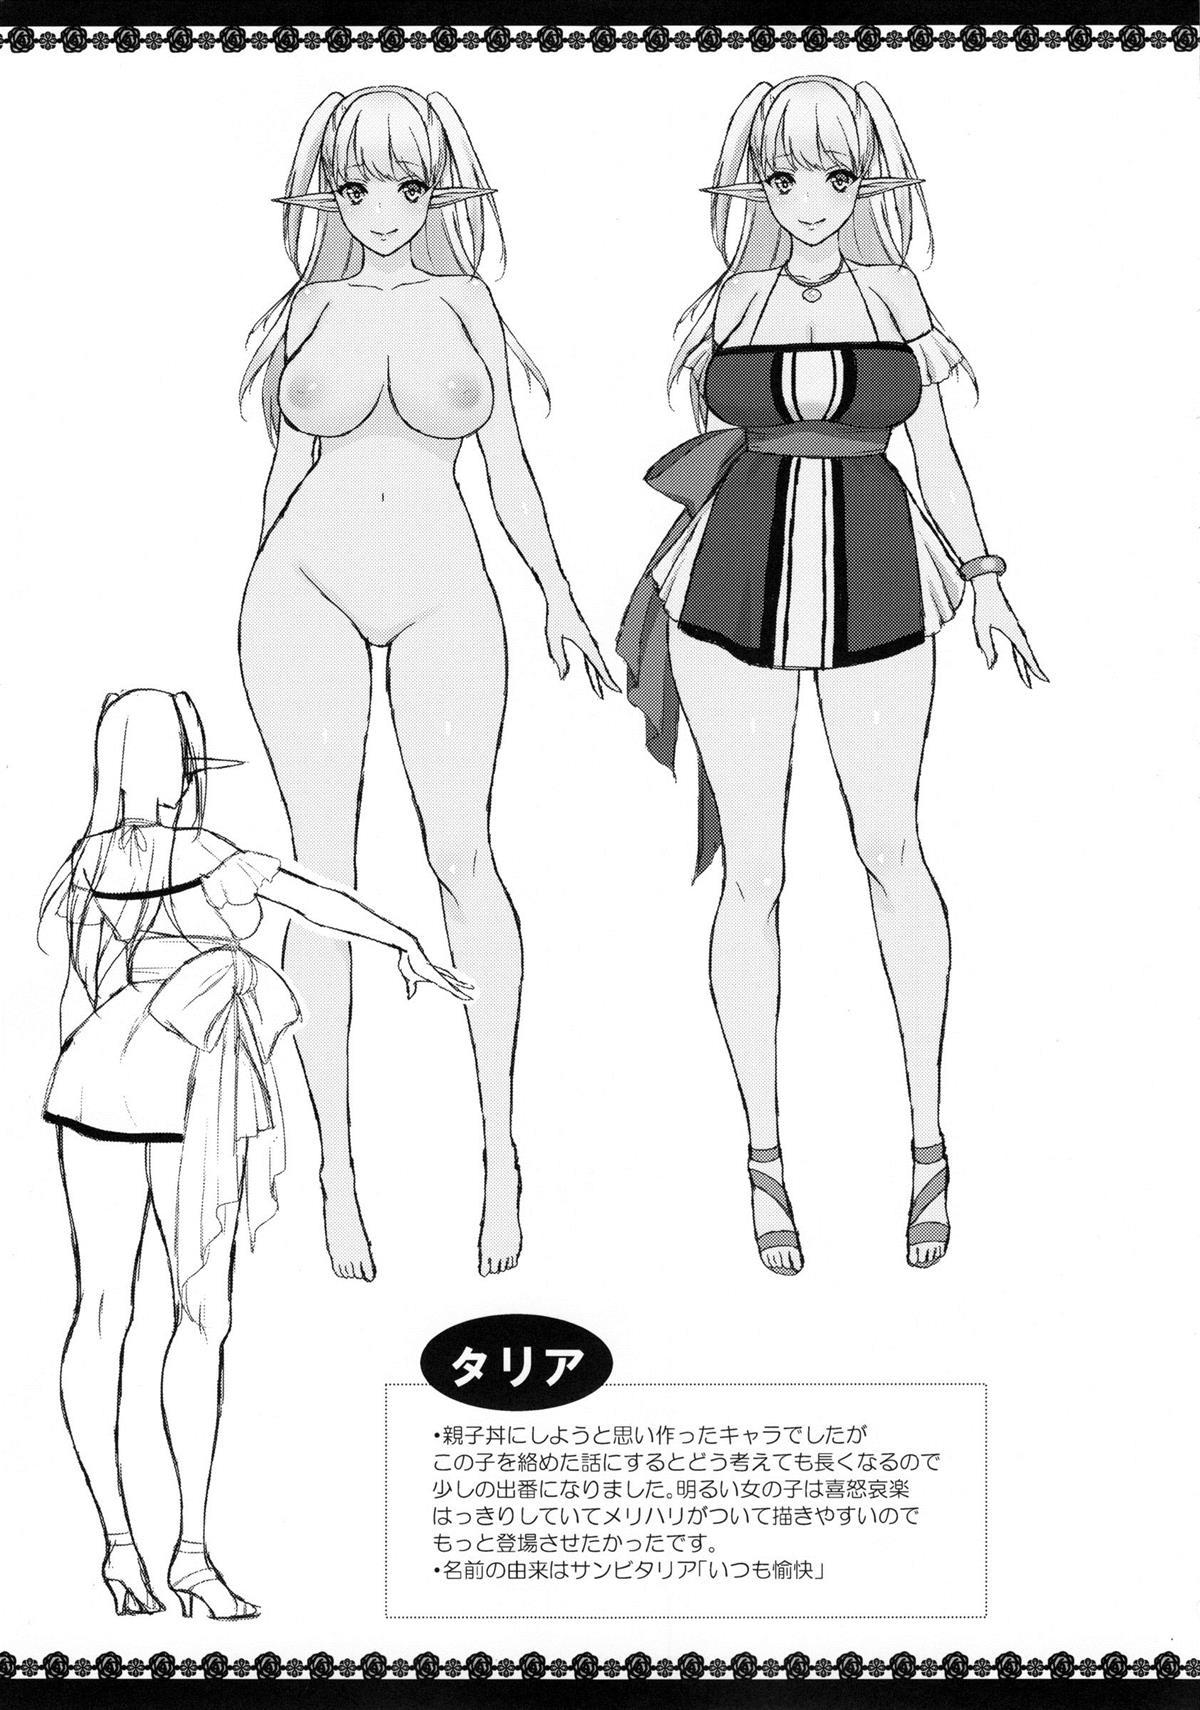 【エロ漫画】我が子を守るために、人間に体を差し出すエルフの巨乳人妻www【無料 エロ同人誌】 (39)